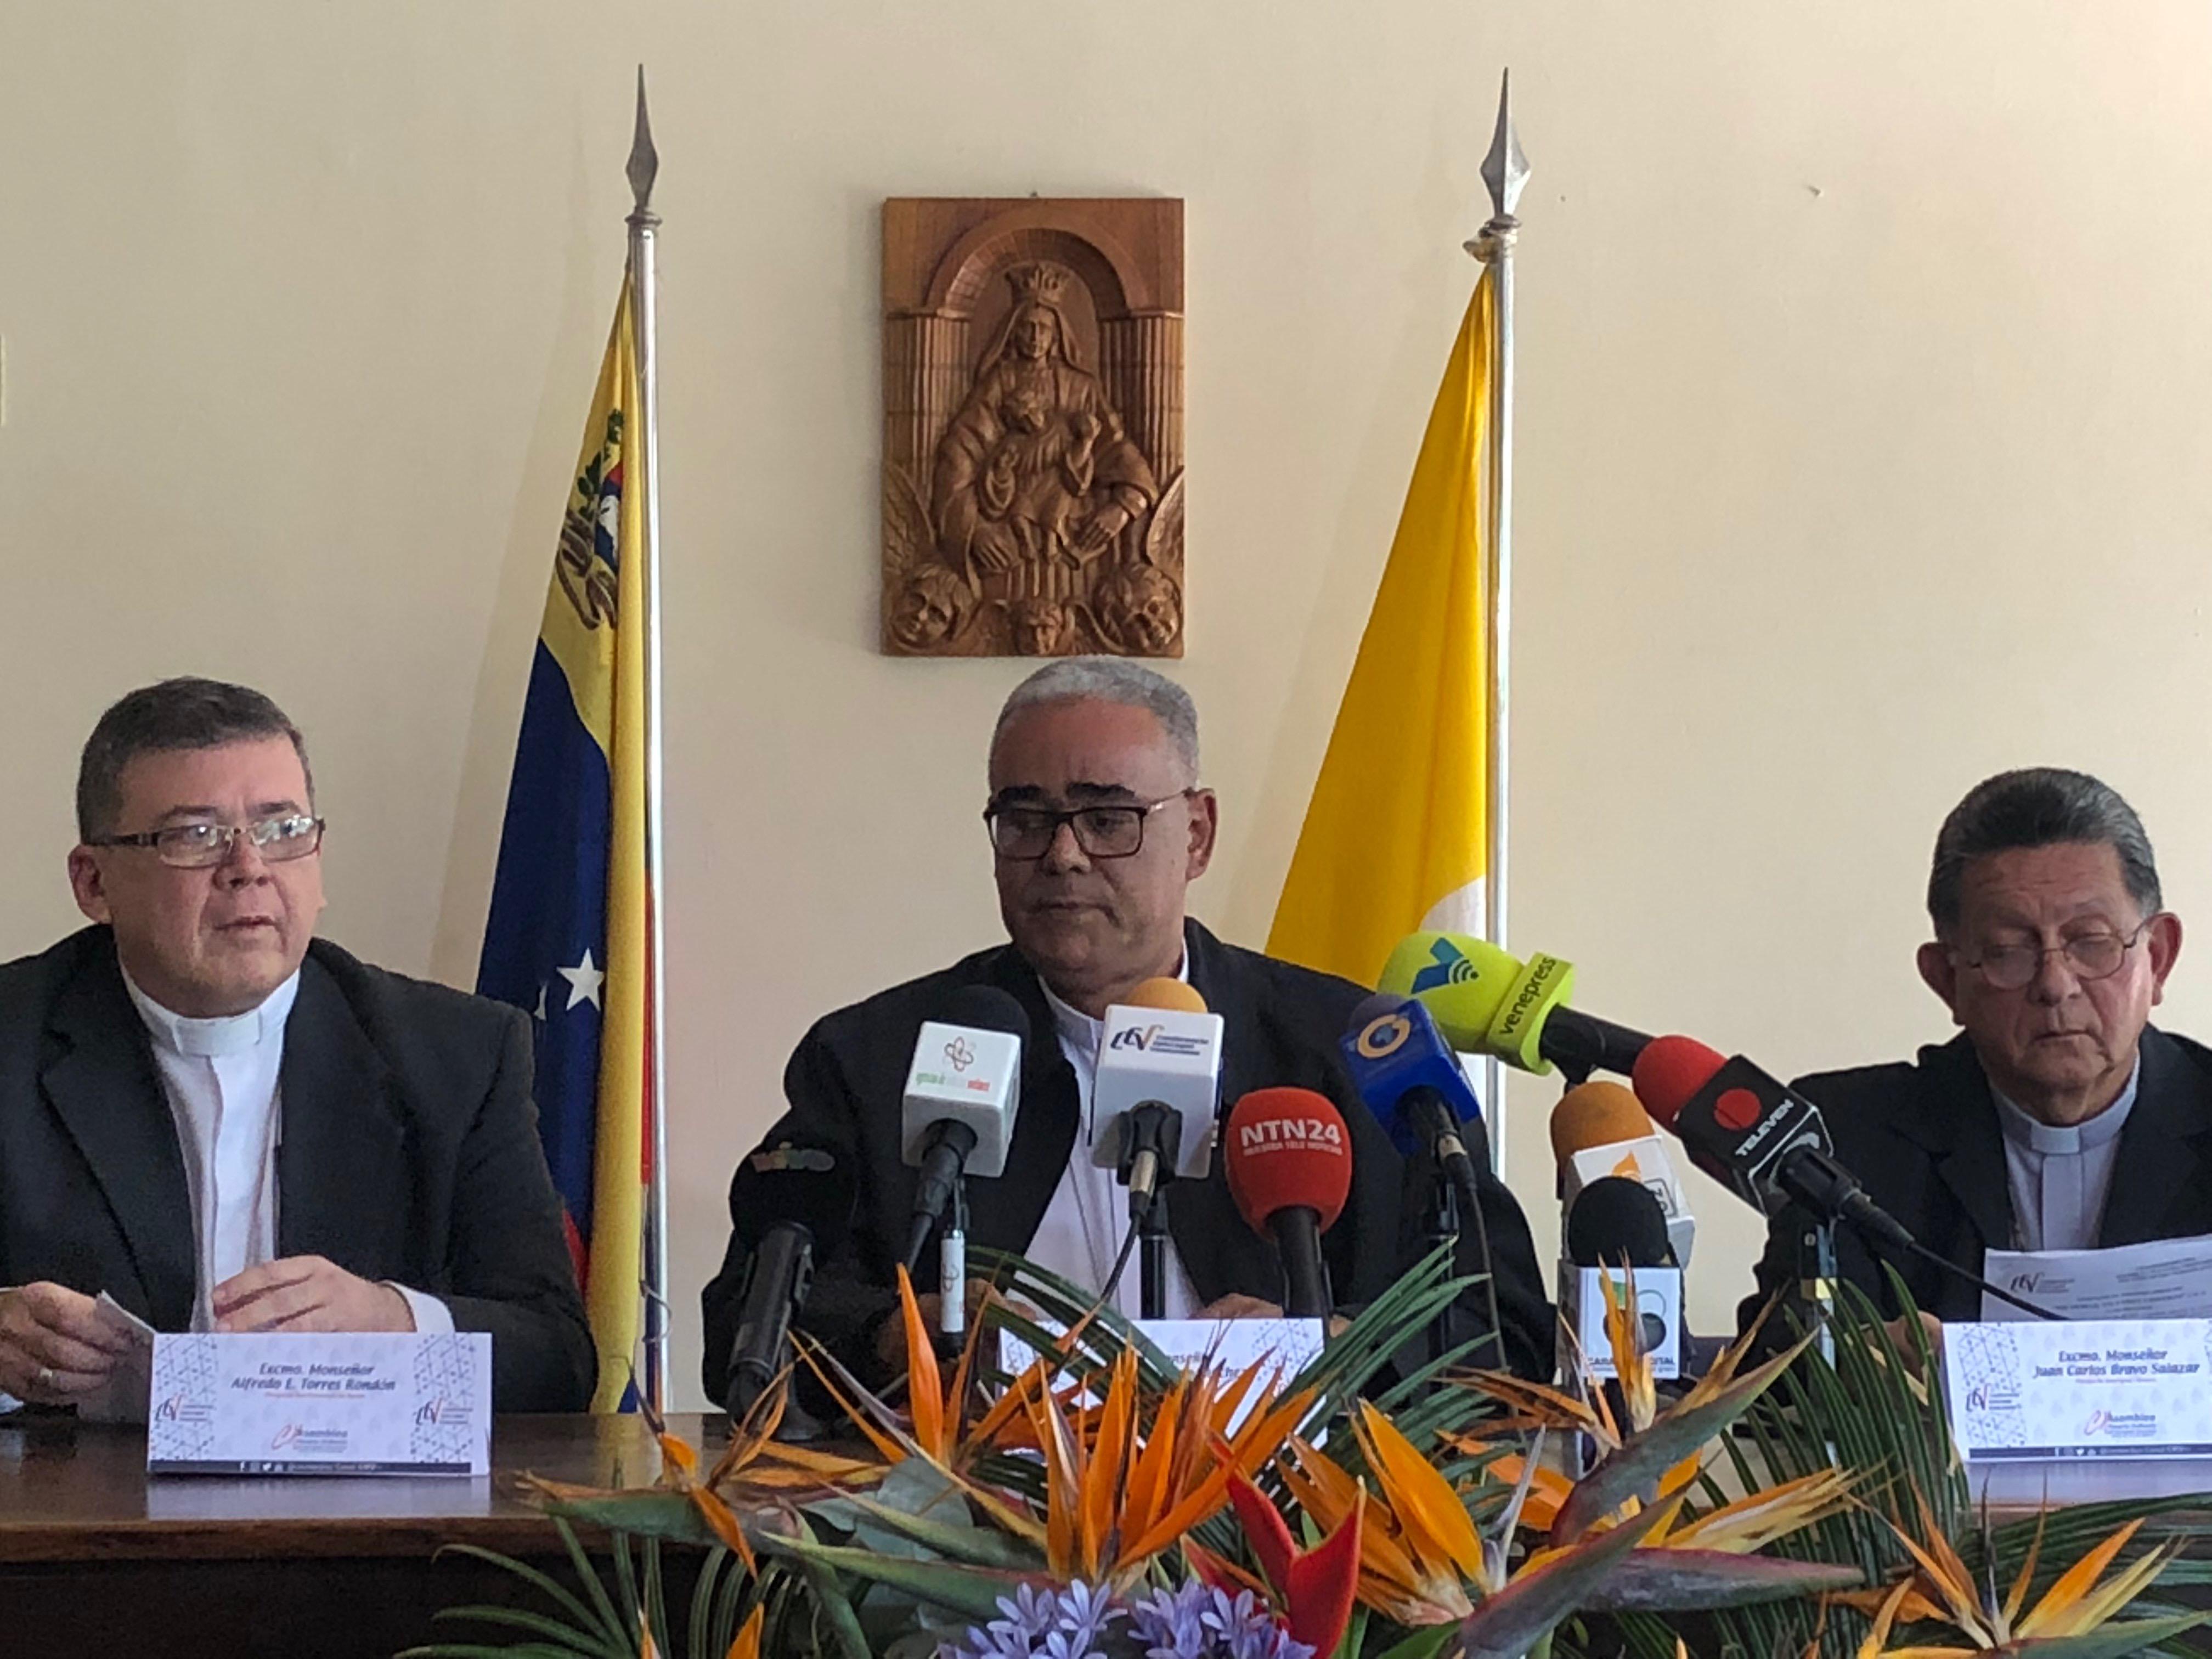 Presentación de la Exhortación Pastoral, 11 julio 2018 © Conferencia Episcopal de Venezuela